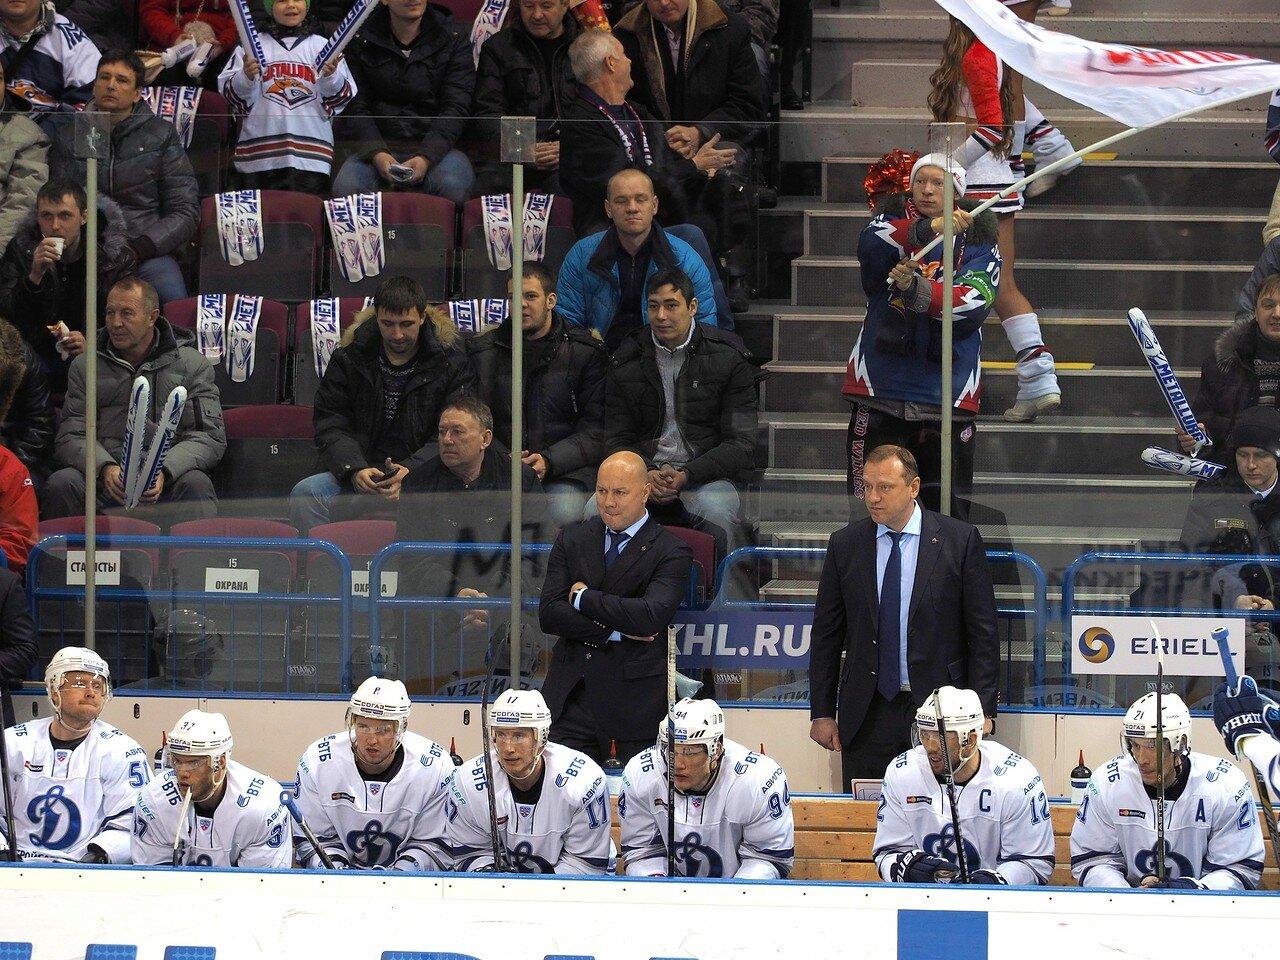 45Металлург - Динамо Москва 28.12.2015